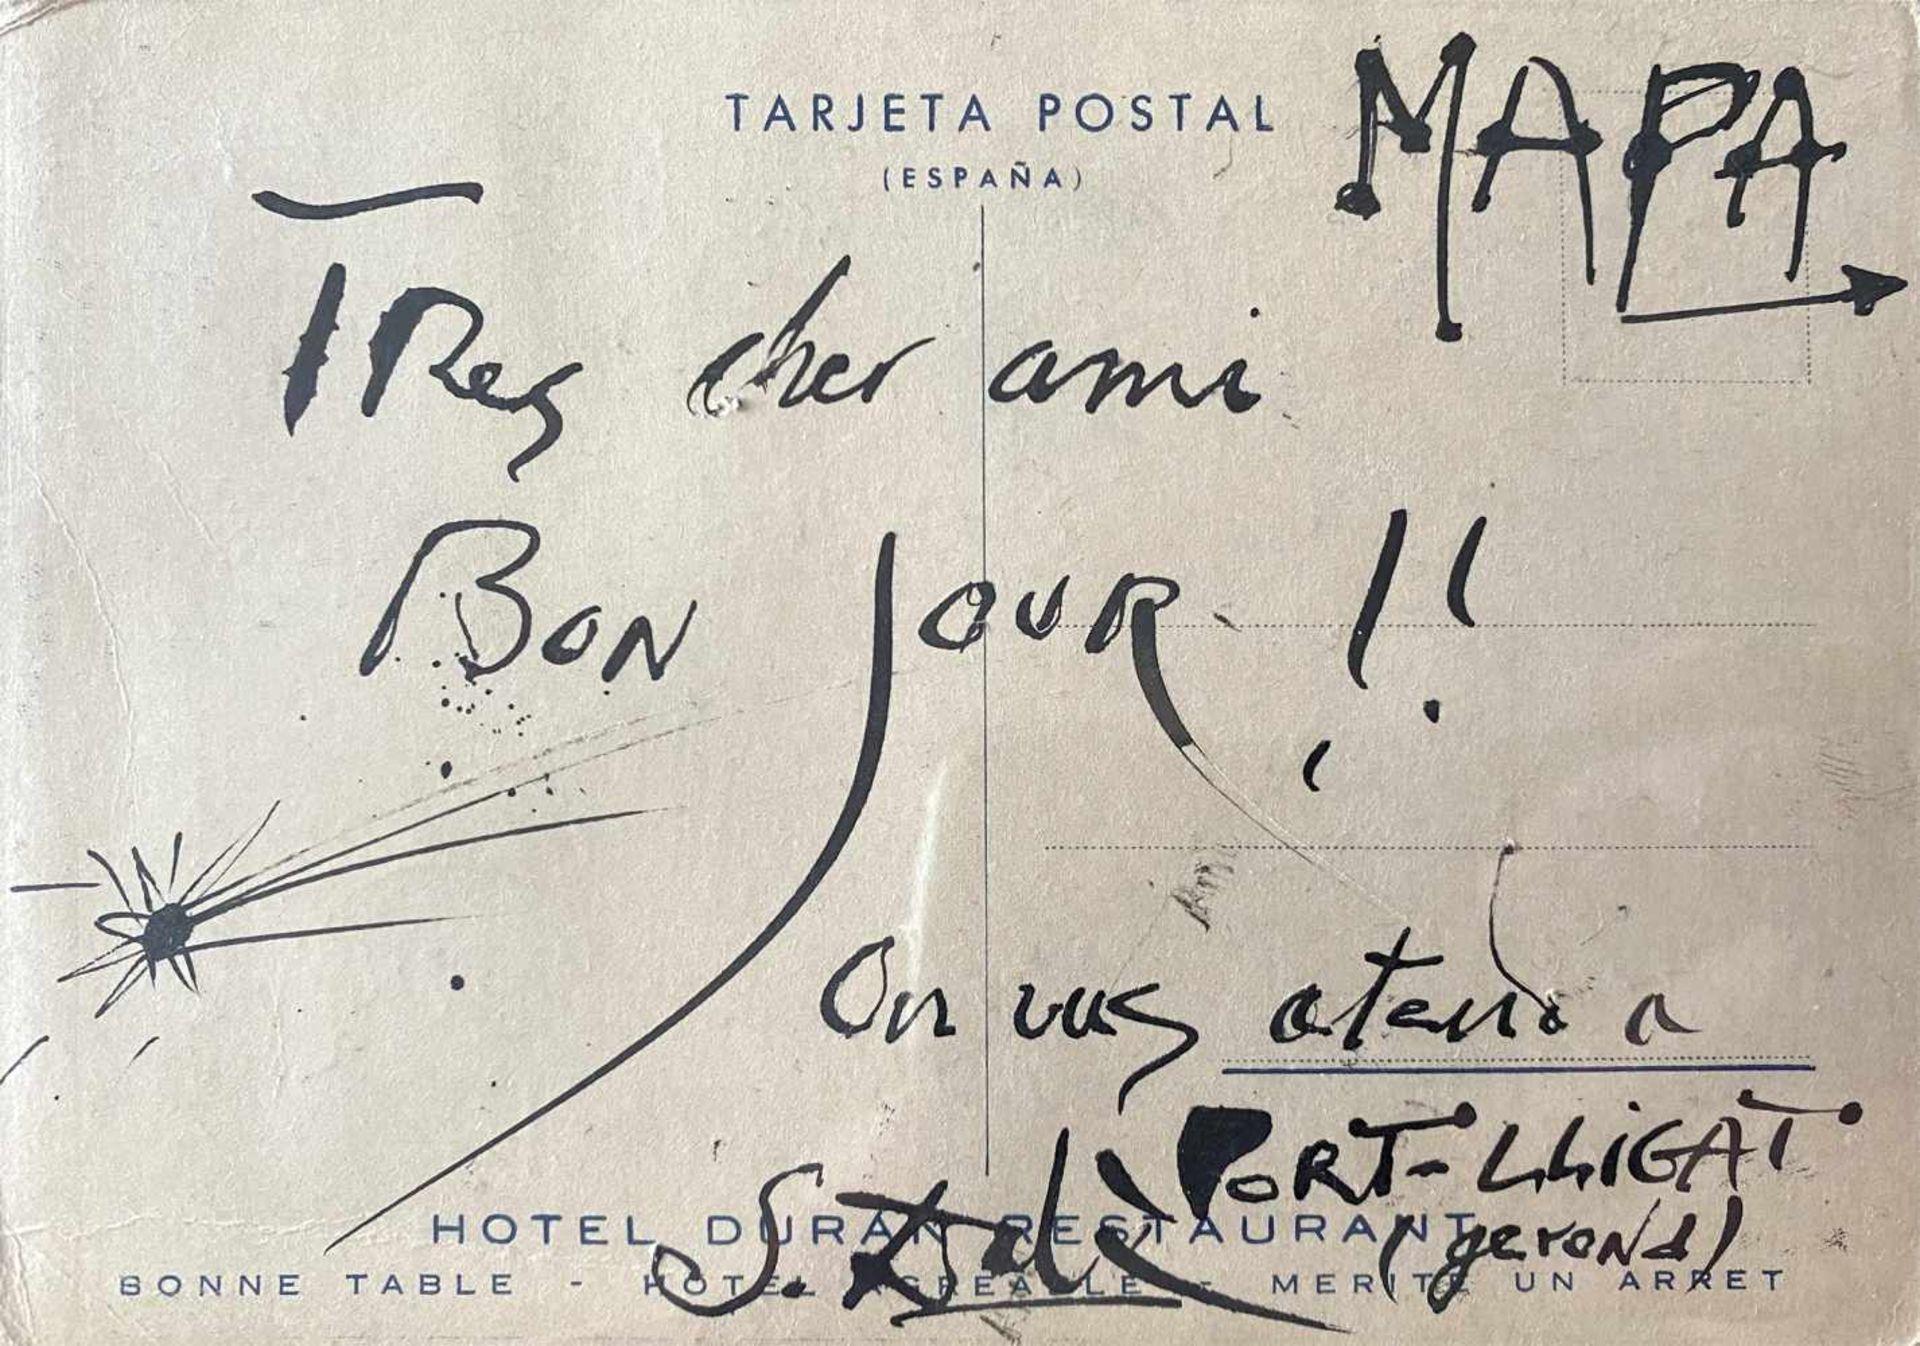 Los 11 - Salvador Dalí (Figueres, 1904 - 1989)